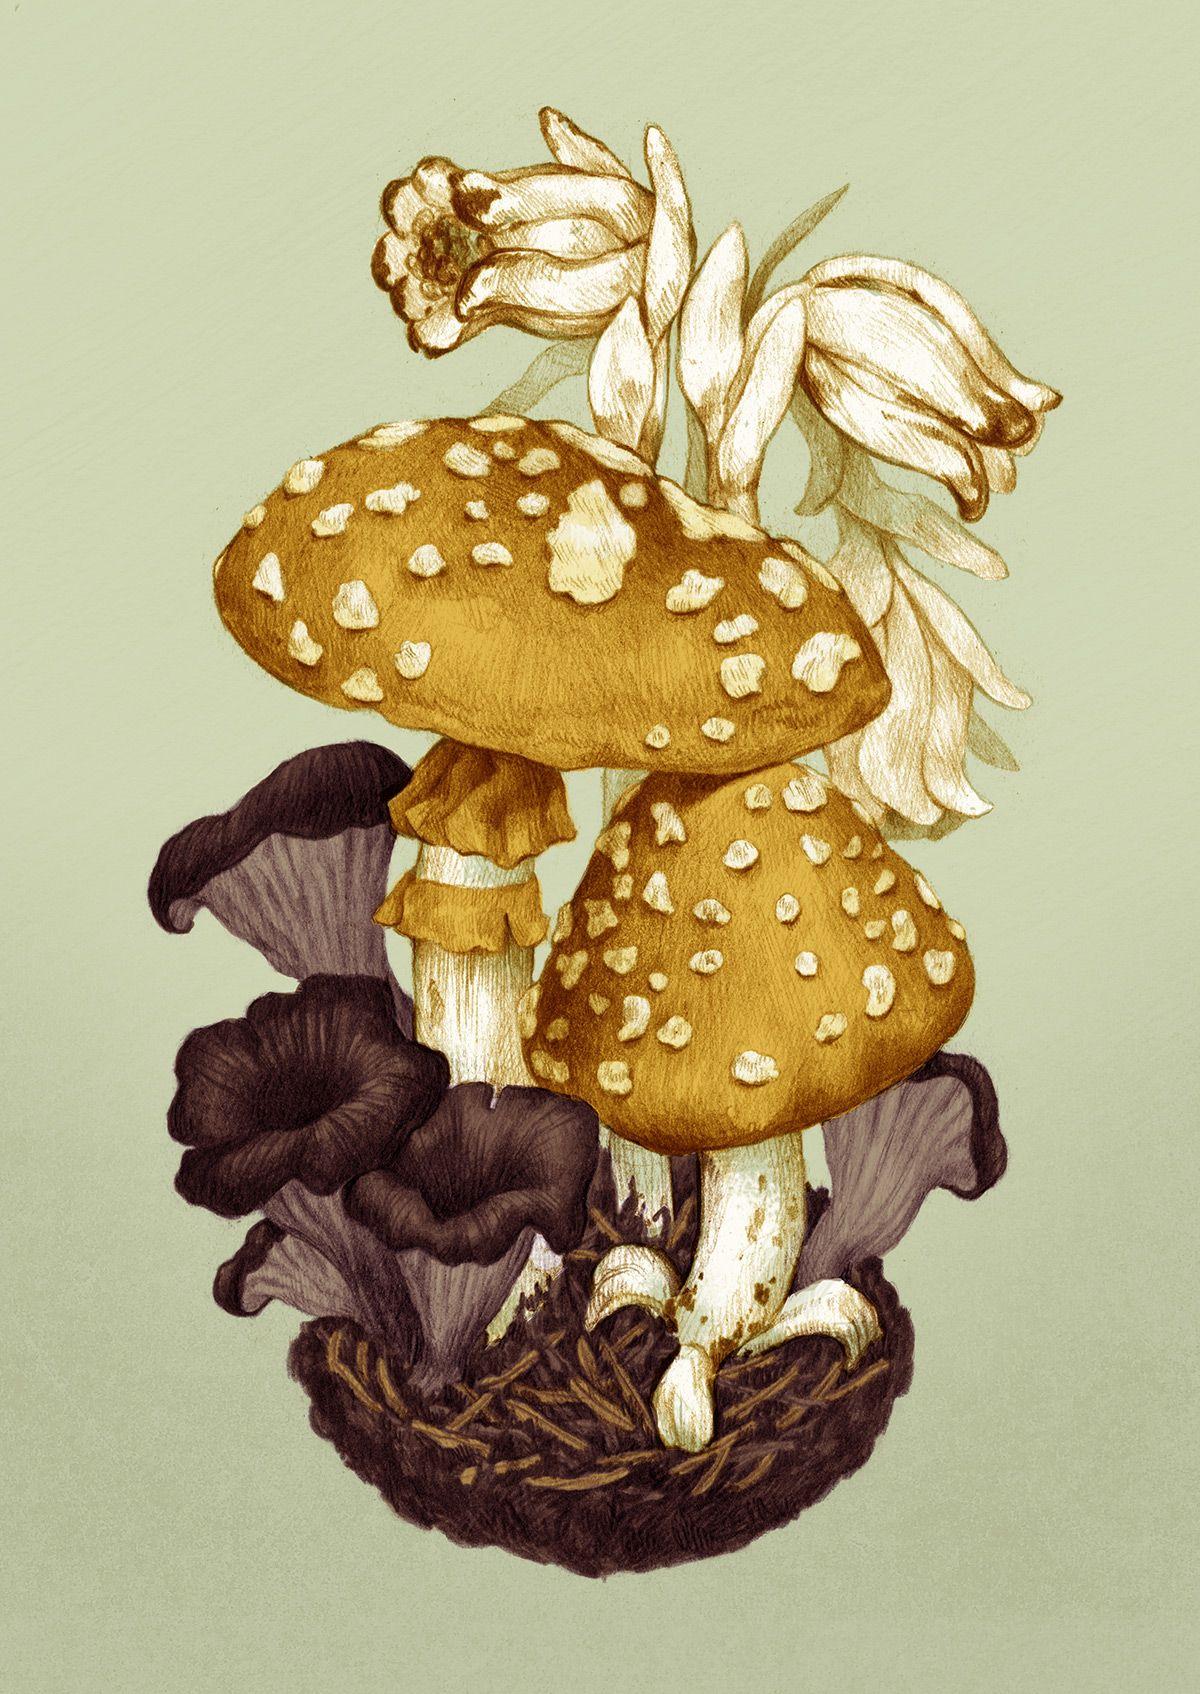 A Series Of Mushroom Illustrations Stuffed Mushrooms Botanical Illustration Mushroom Art